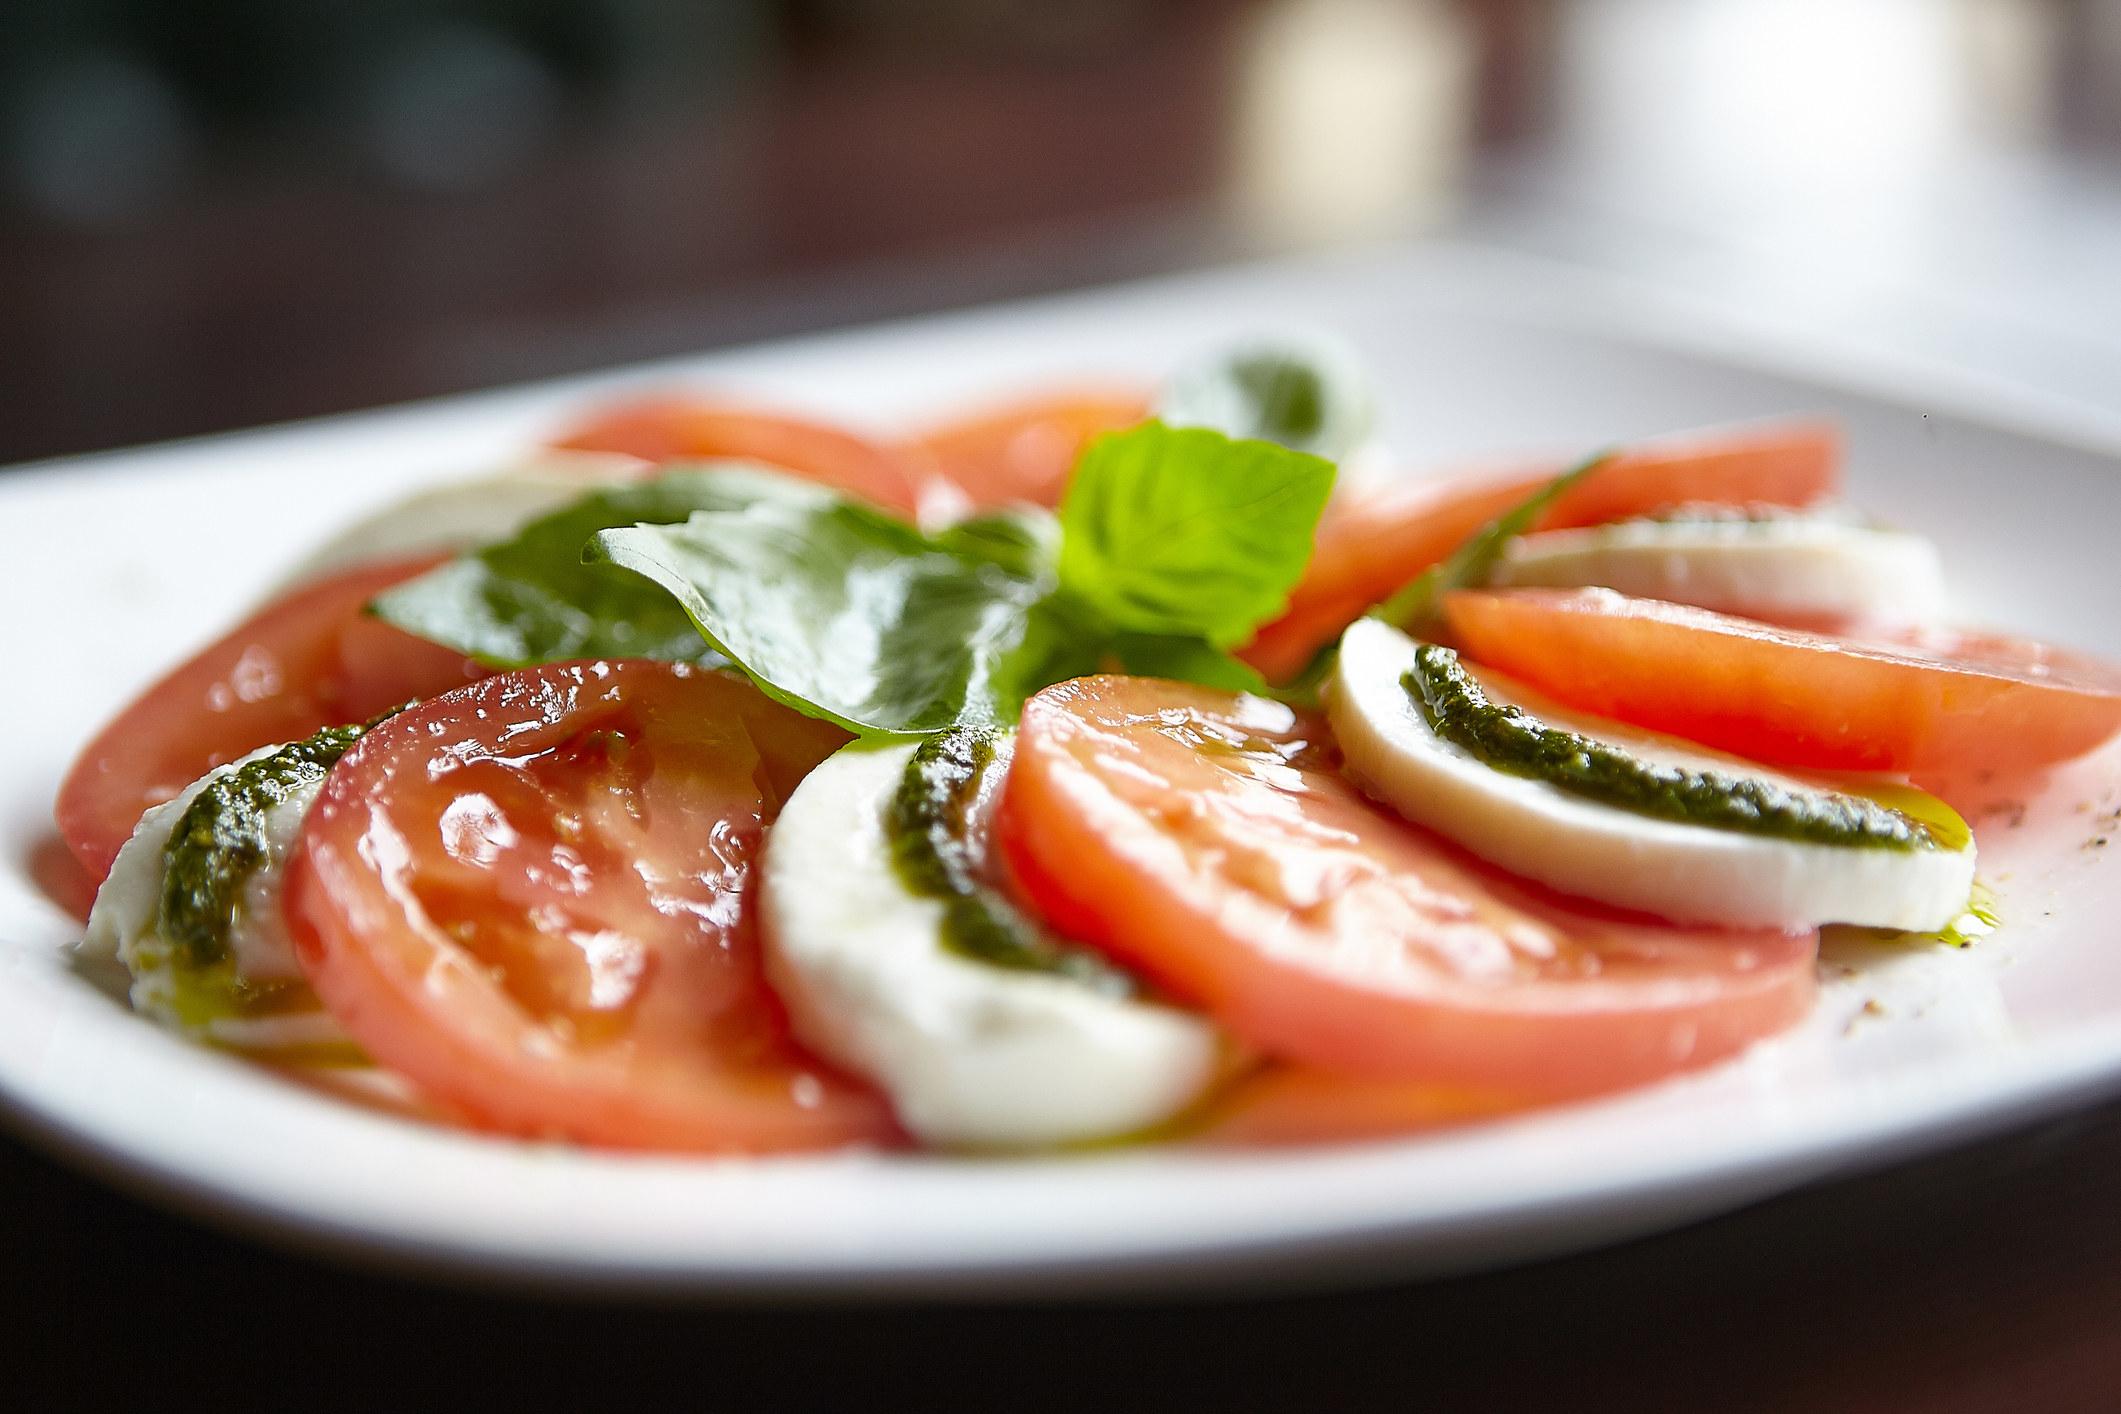 A fresh caprese salad.